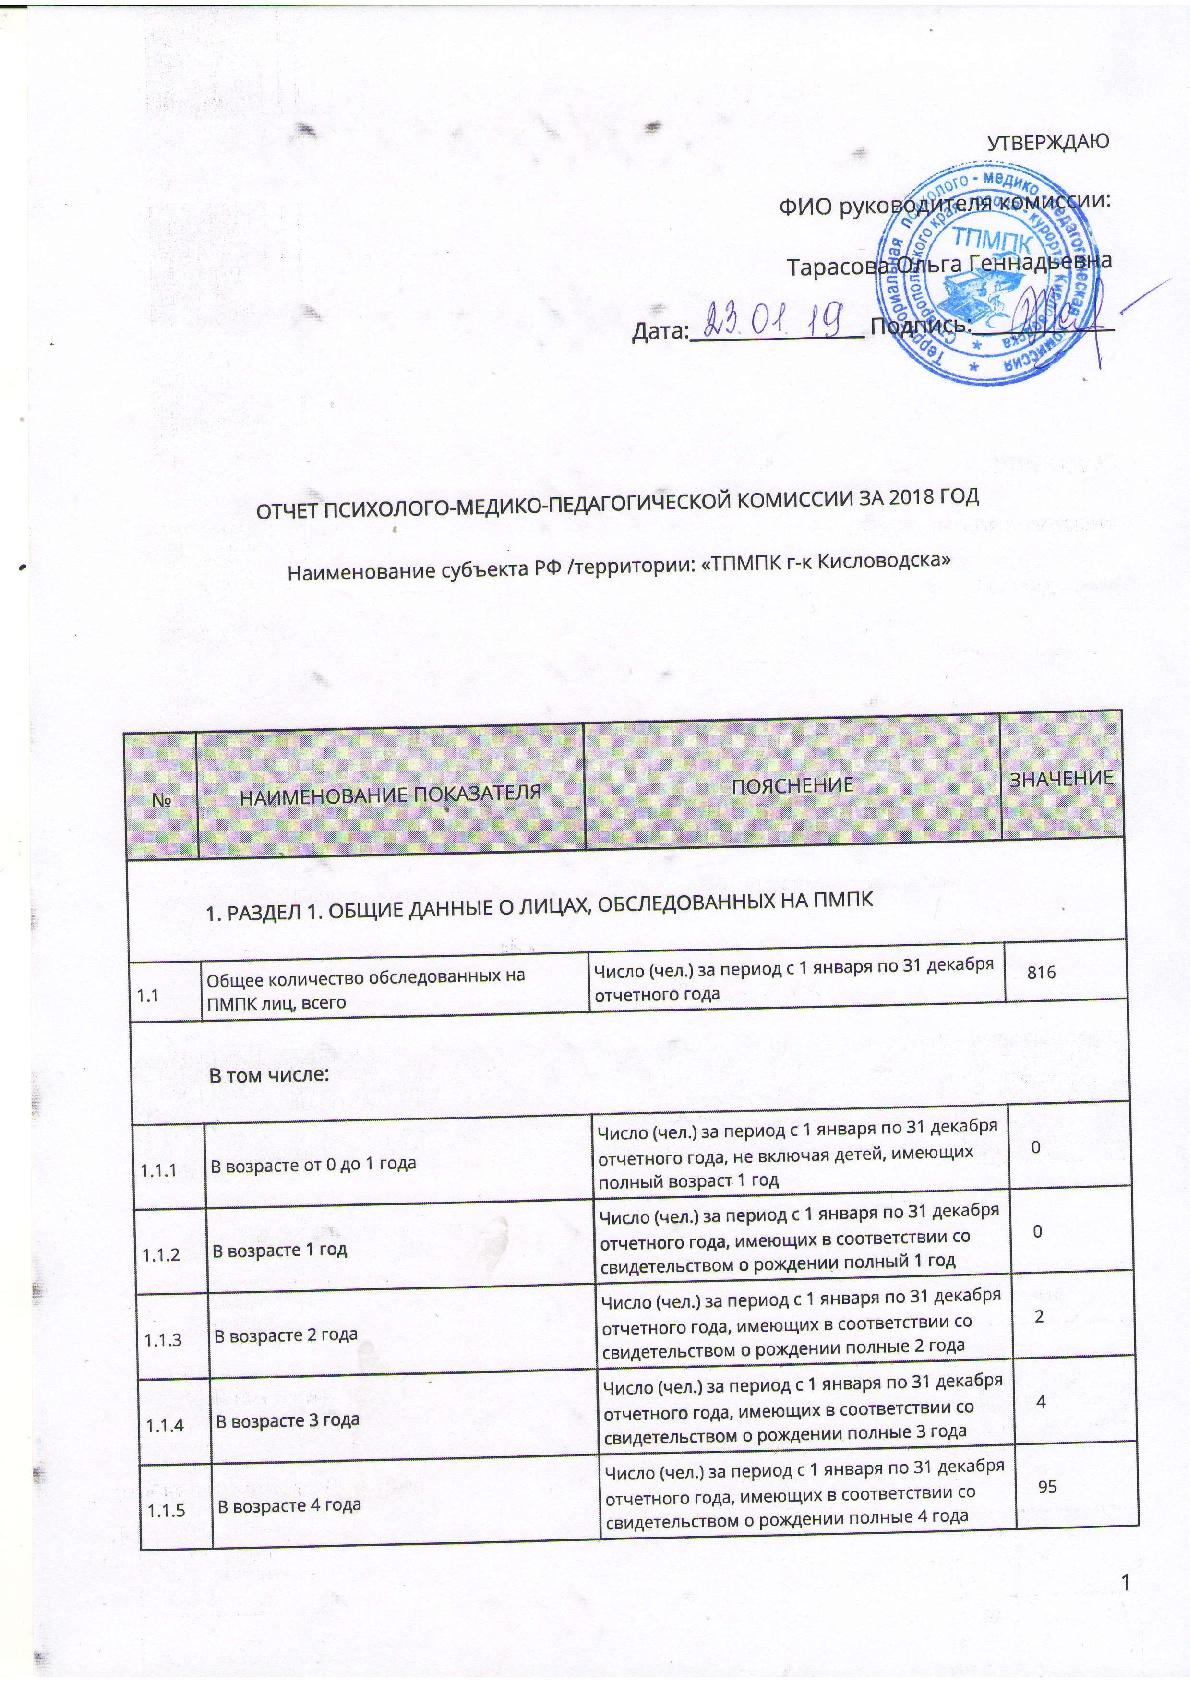 Подписанный титул отчета по ТПМПК-001